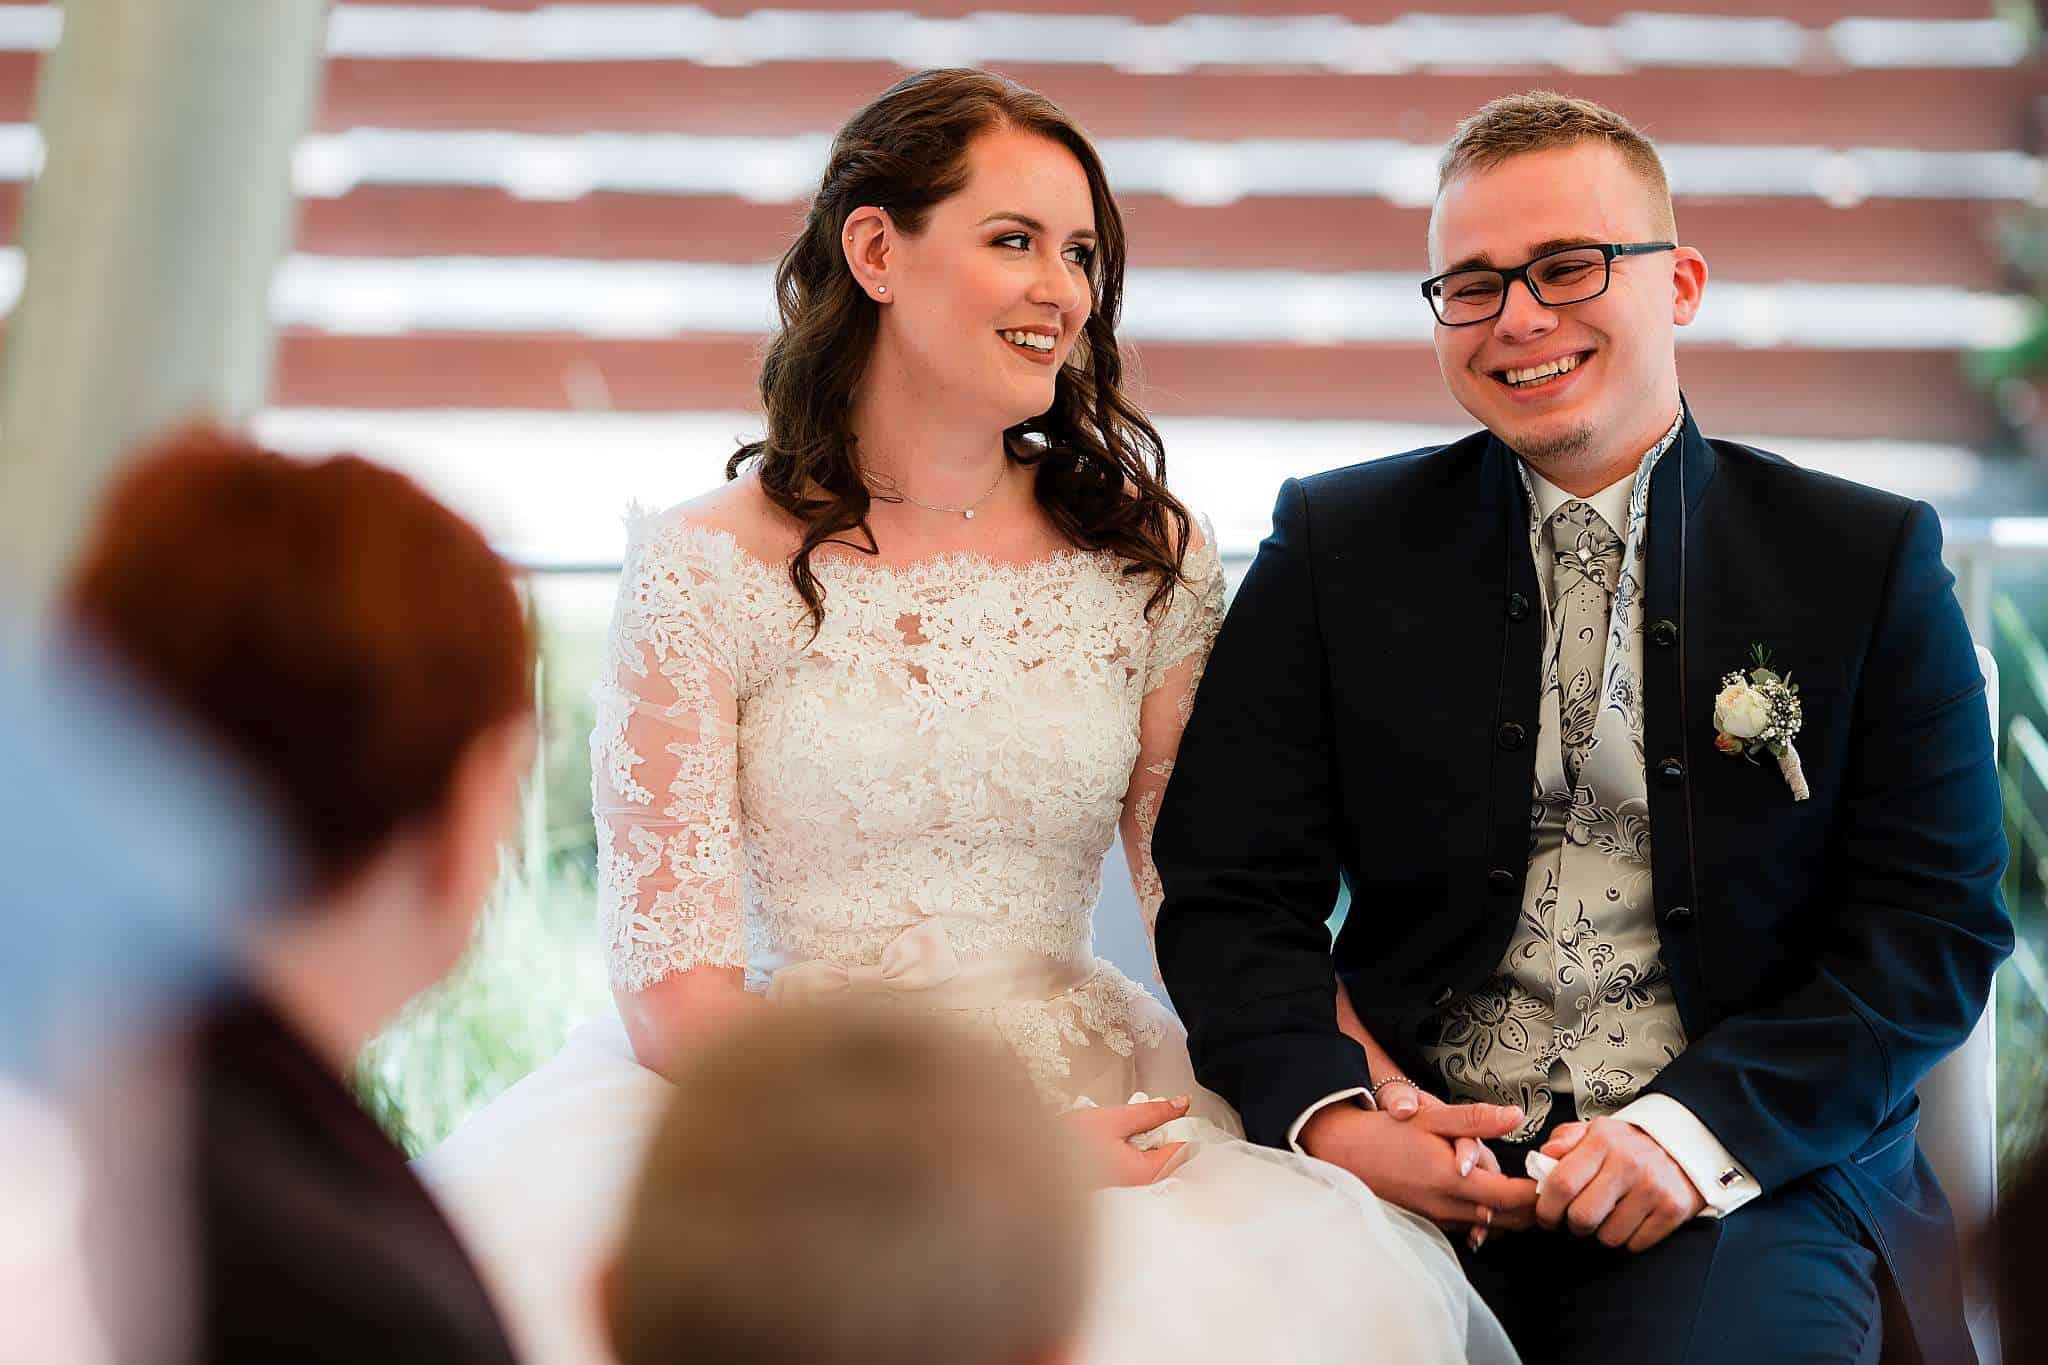 Das Brautpaar lacht während der Trauung